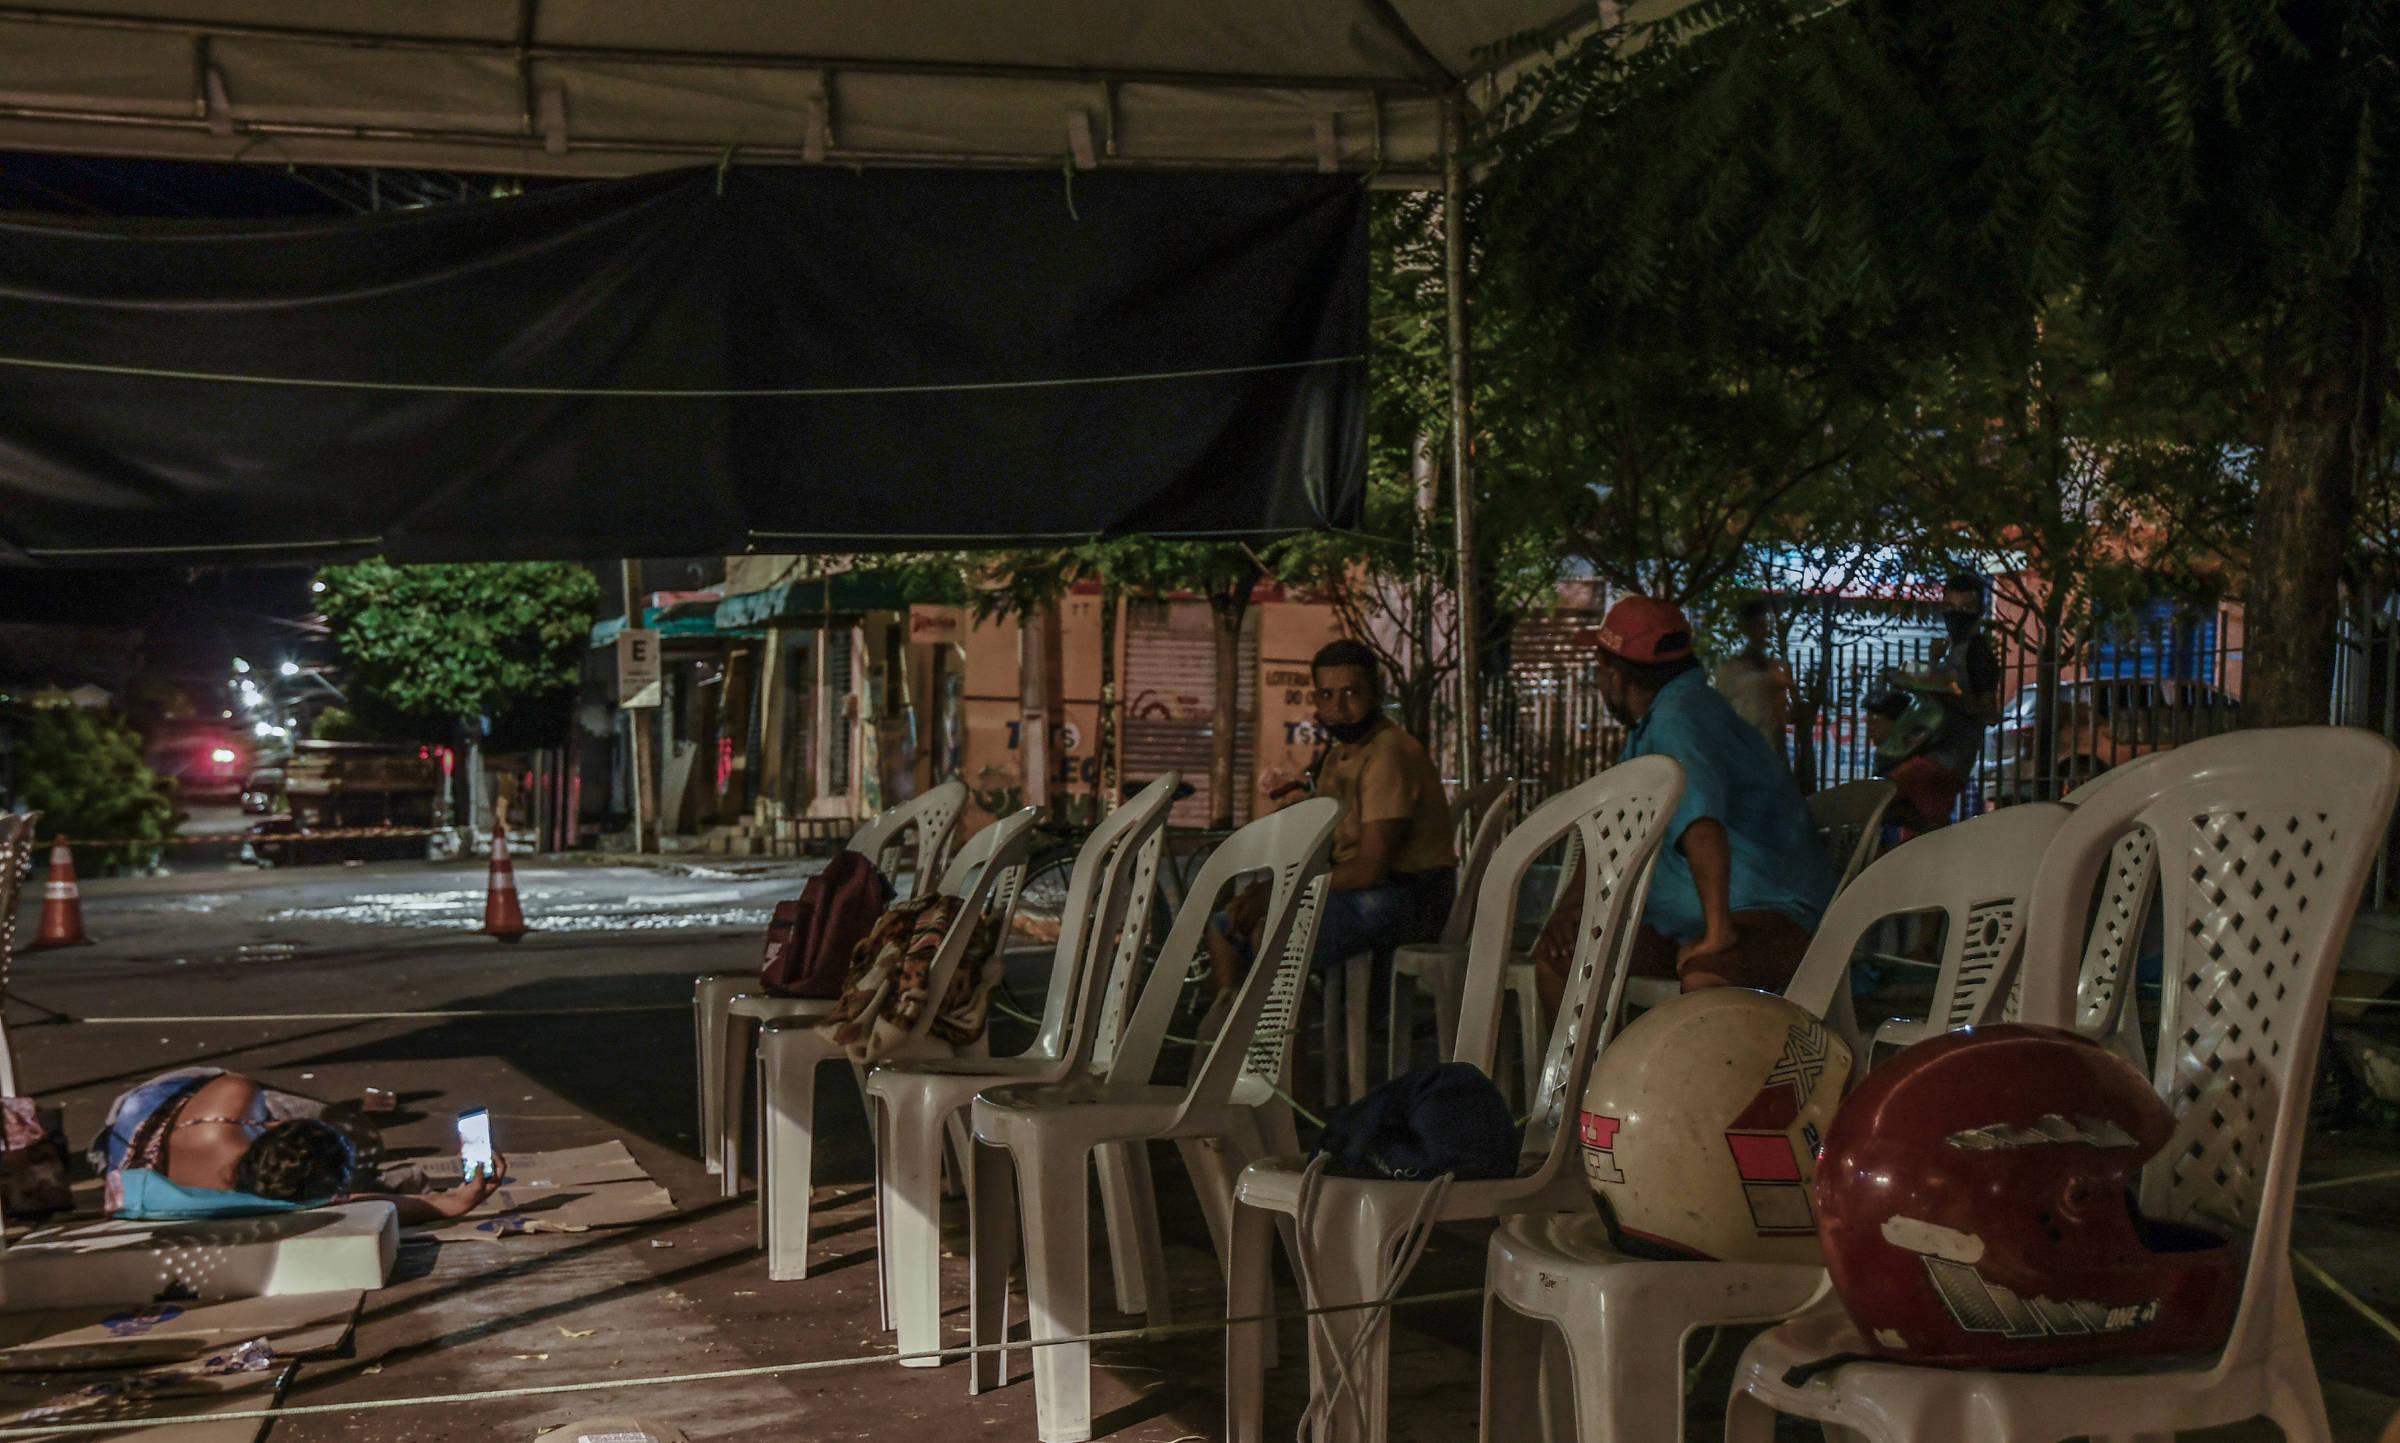 Moradora de Crateús é vista no chão em fila por auxílio emergencial; sobre cadeiras, capacetes marcam lugares que serão vendidos por até R$ 50